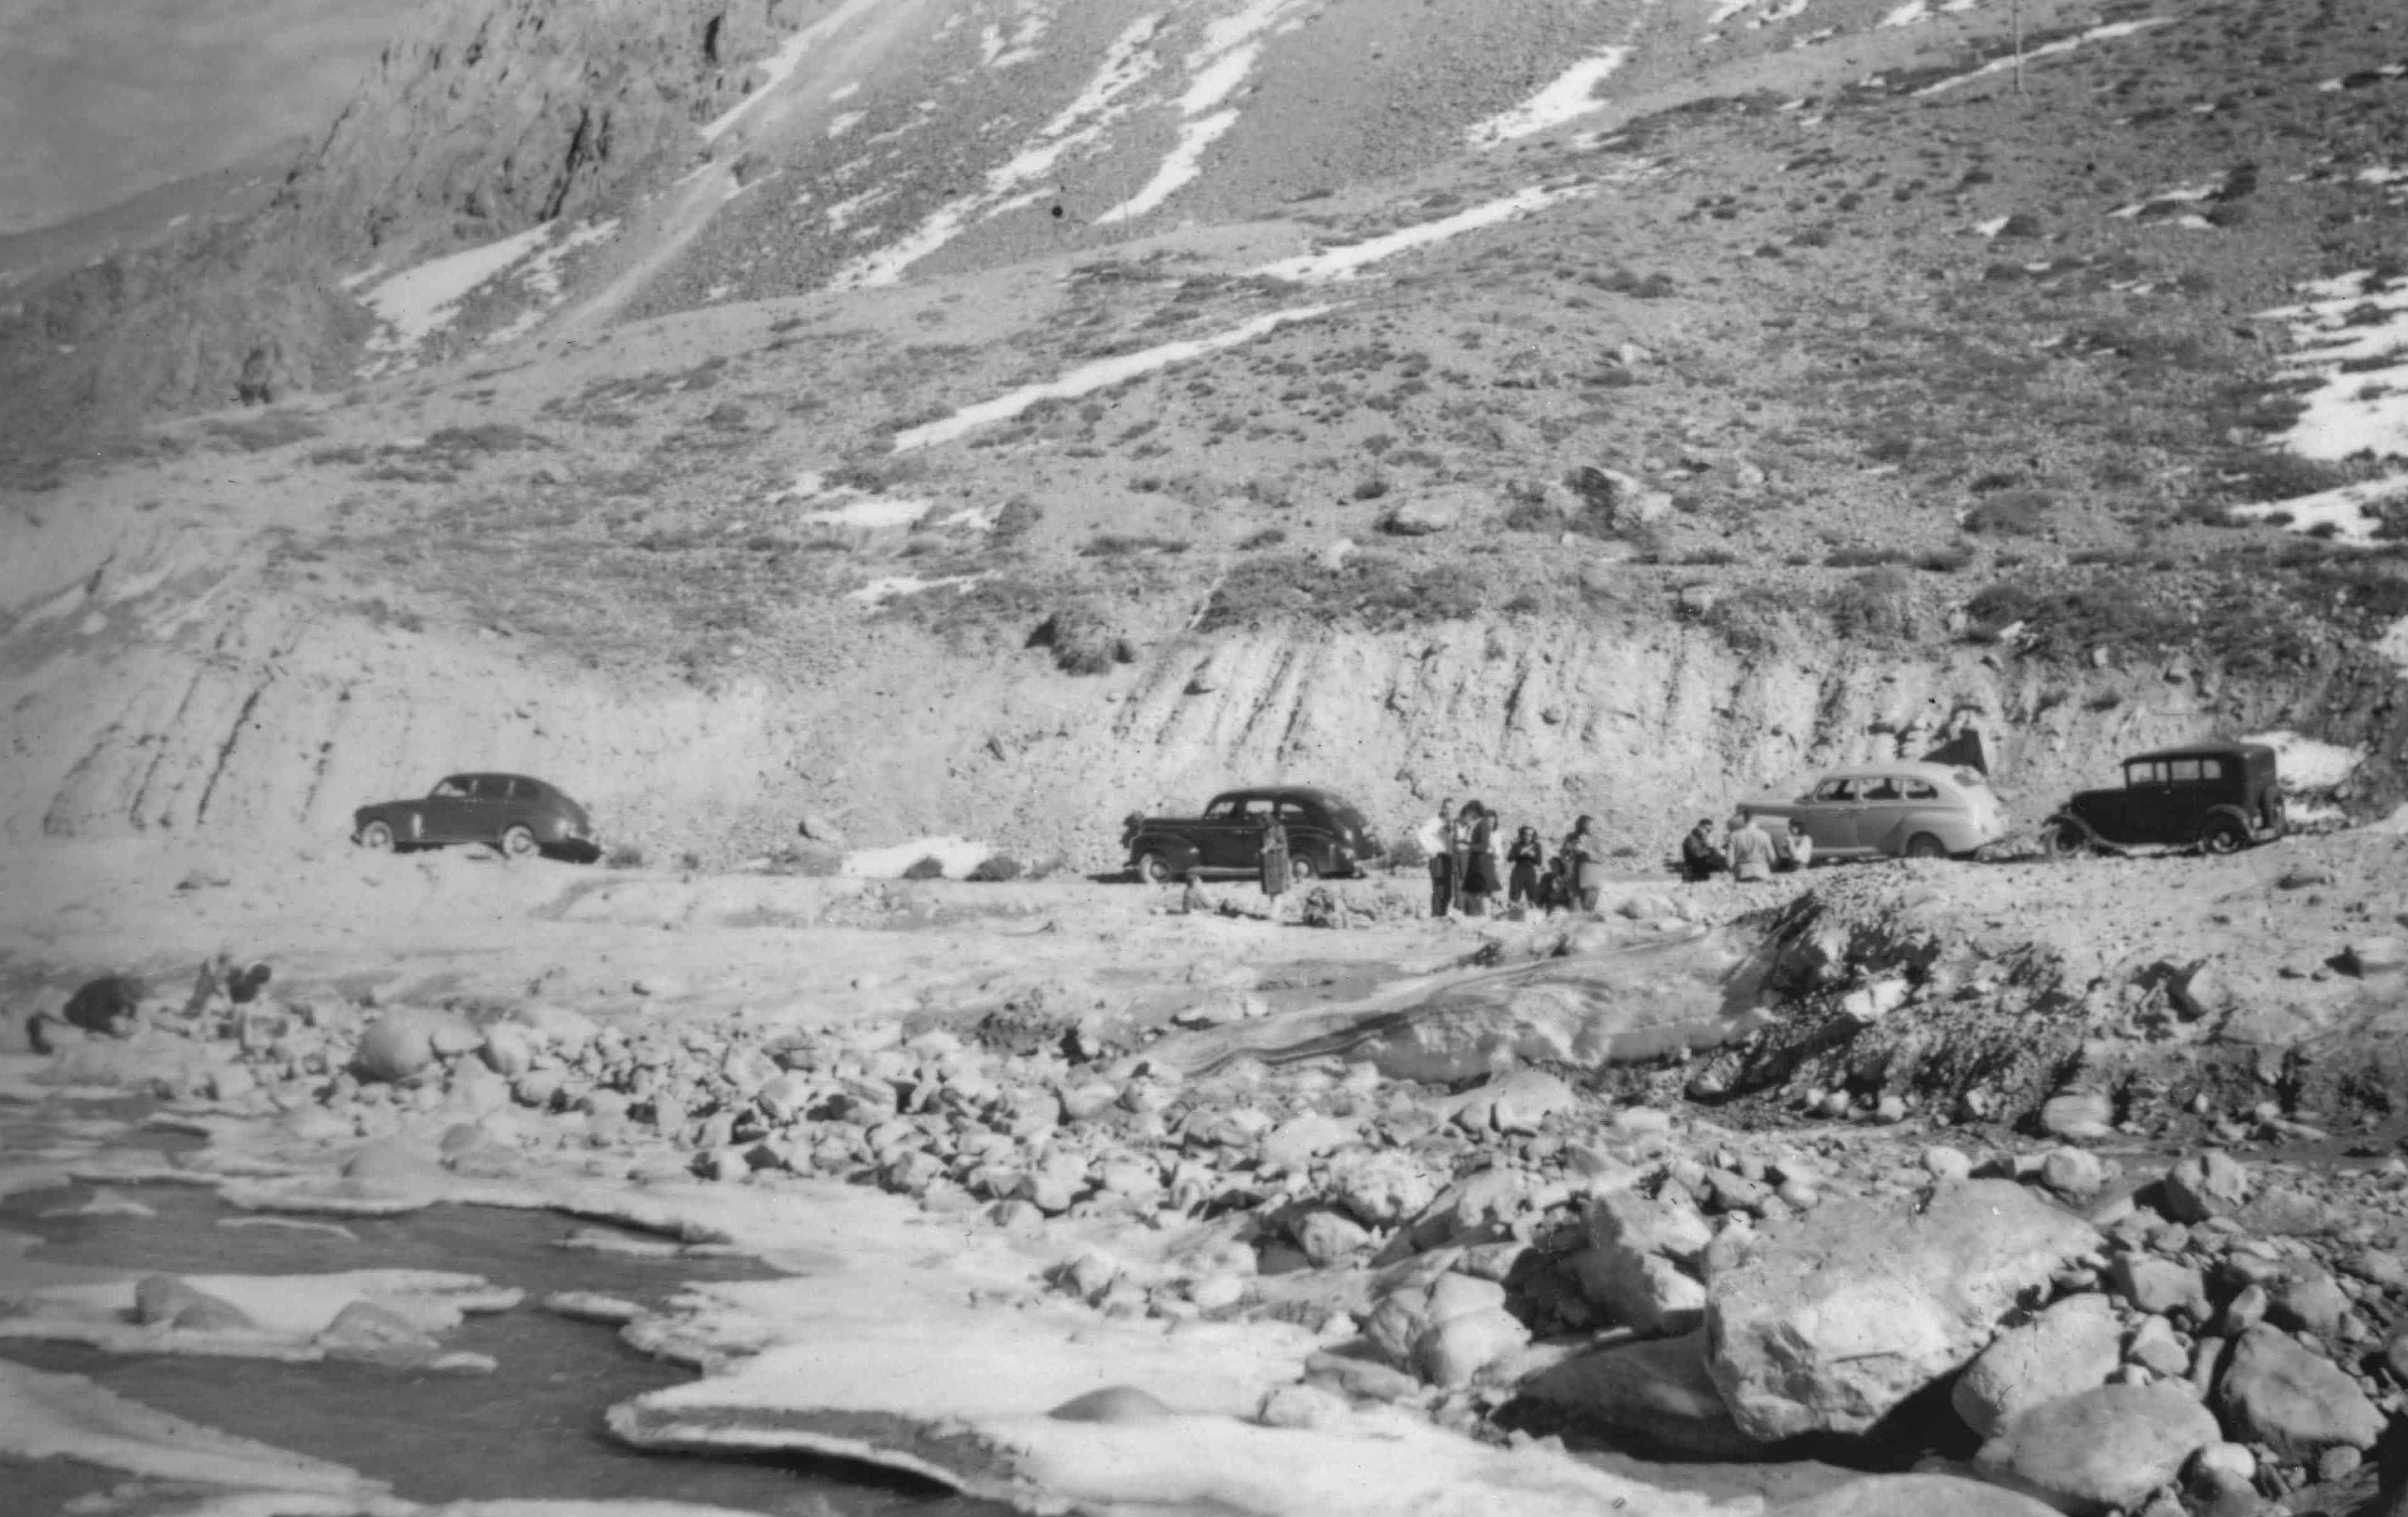 Enterreno - Fotos históricas de chile - fotos antiguas de Chile - Sector Pérez Caldera, Lo Barnechea en 1947